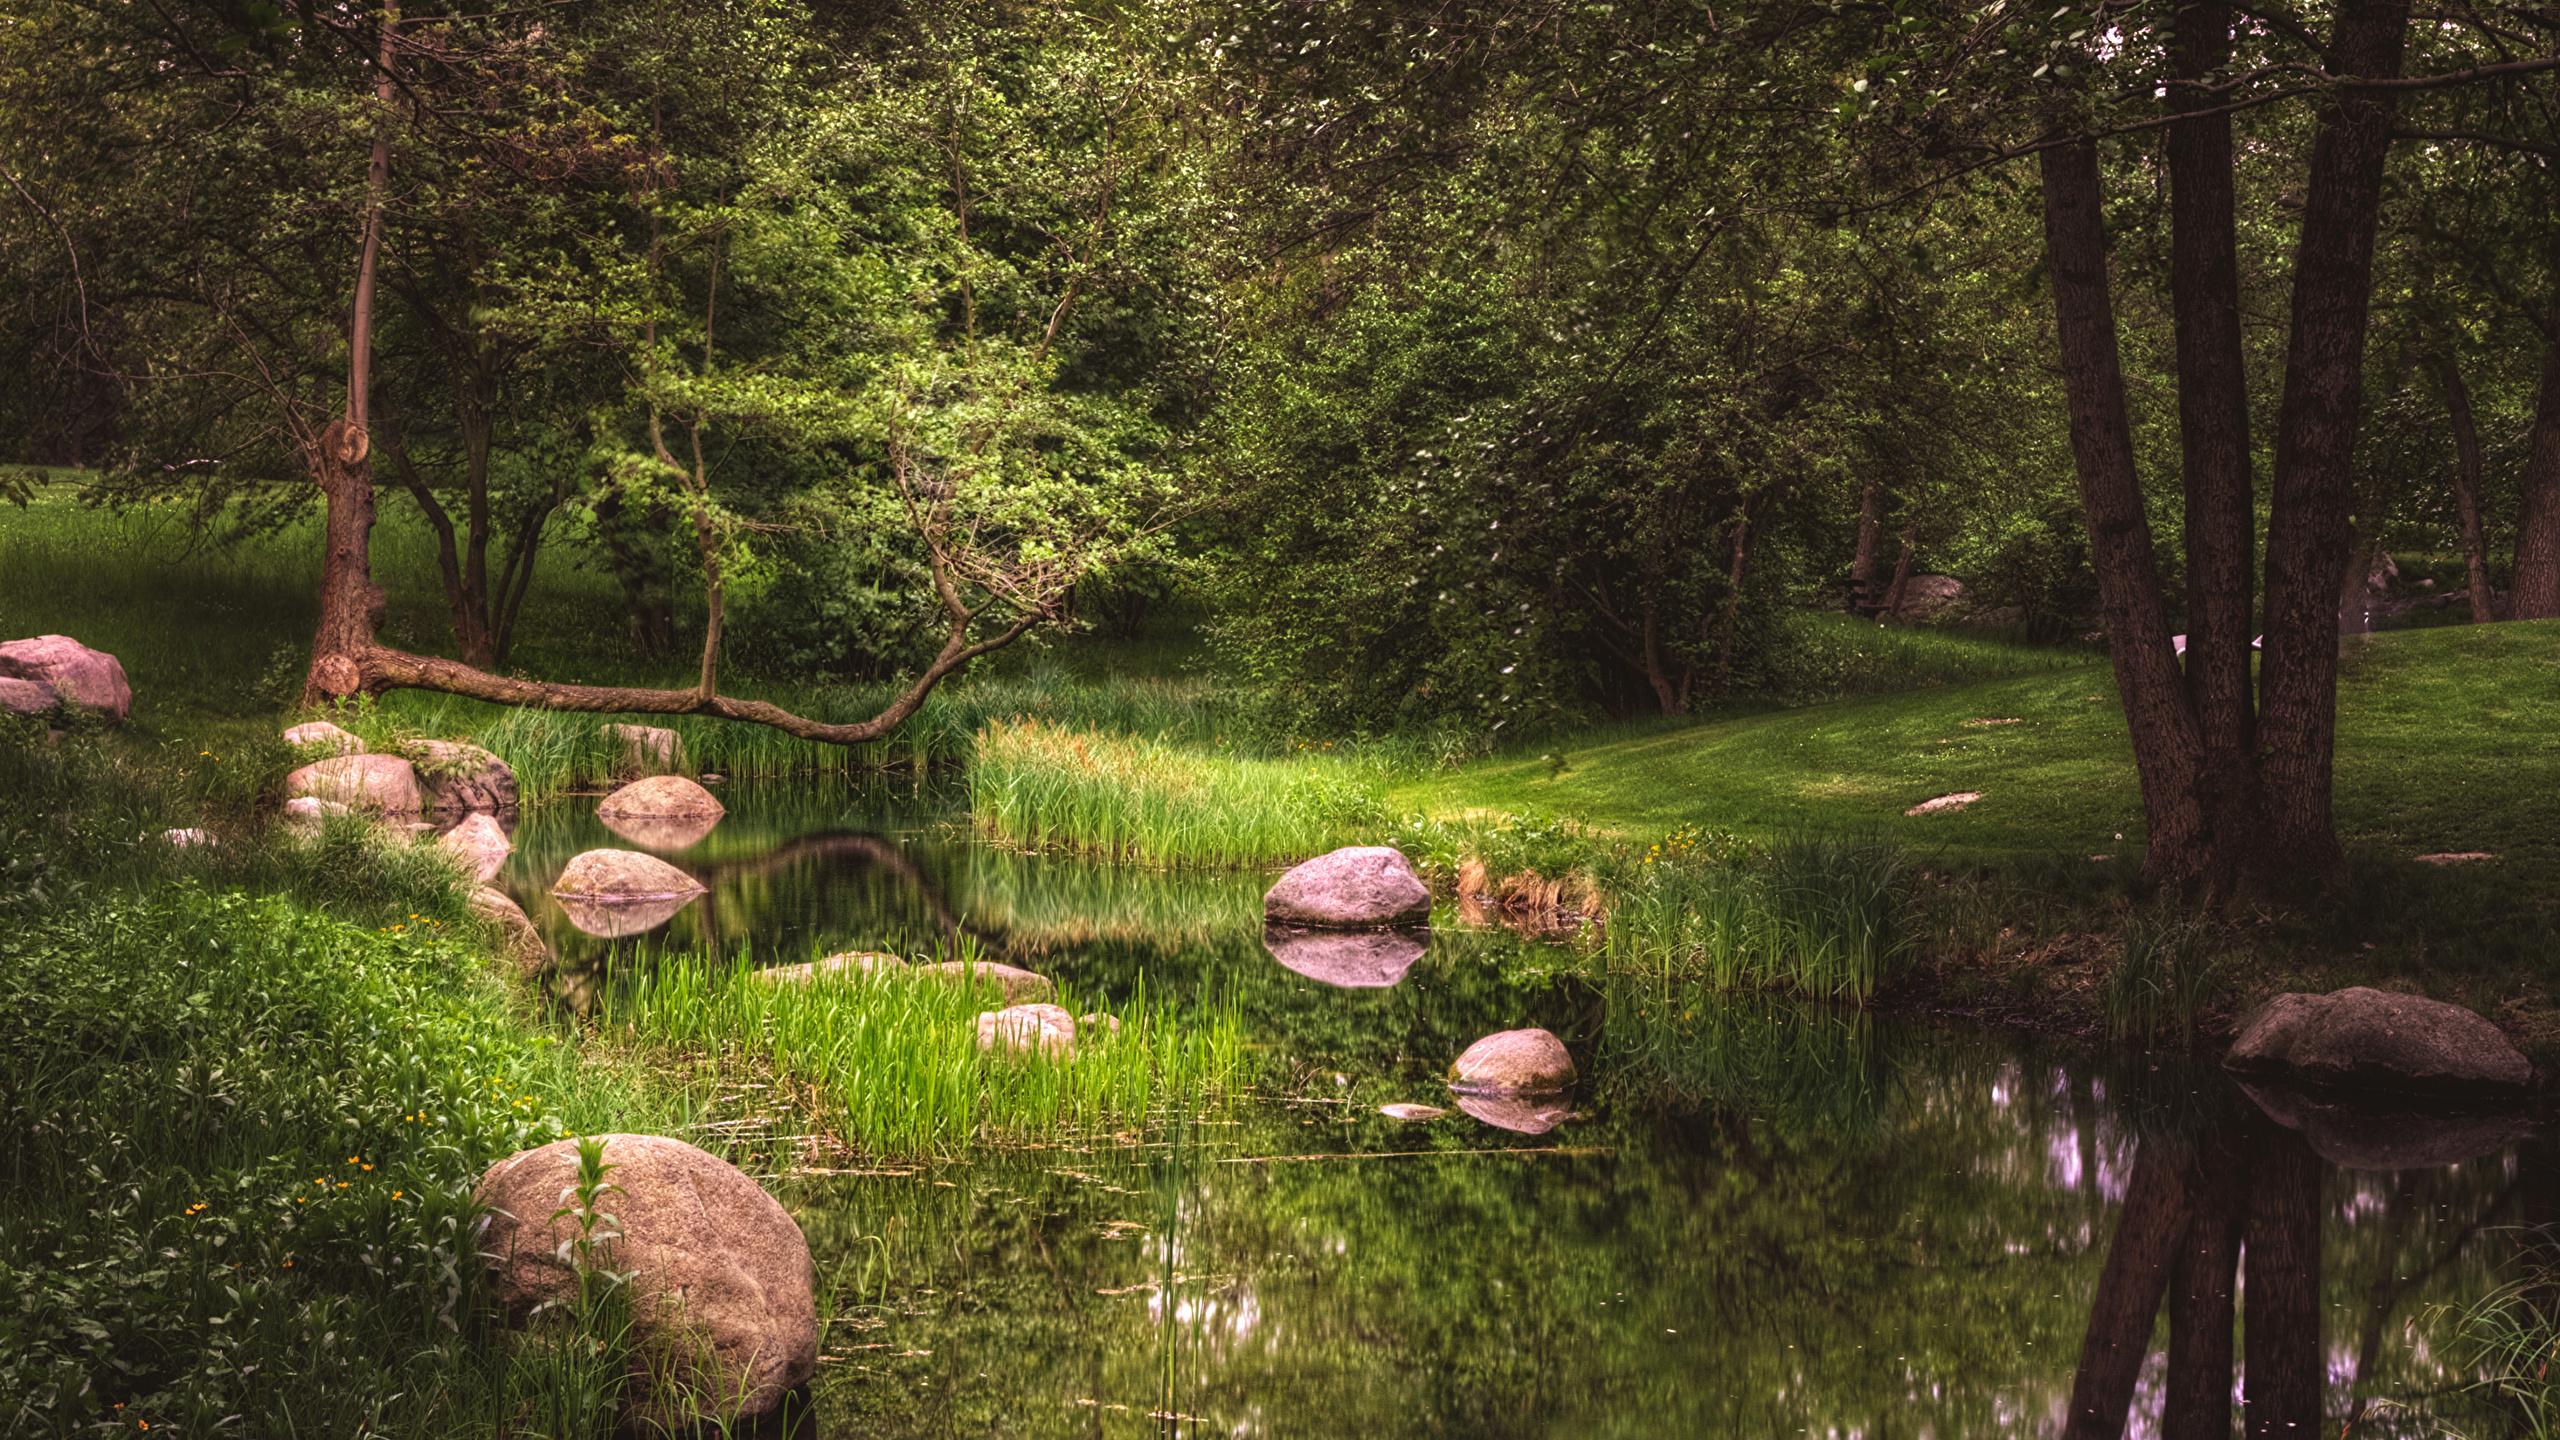 2560x1440、ベルリン、ドイツ、公園、石、池、Britzer Garten、木、自然、